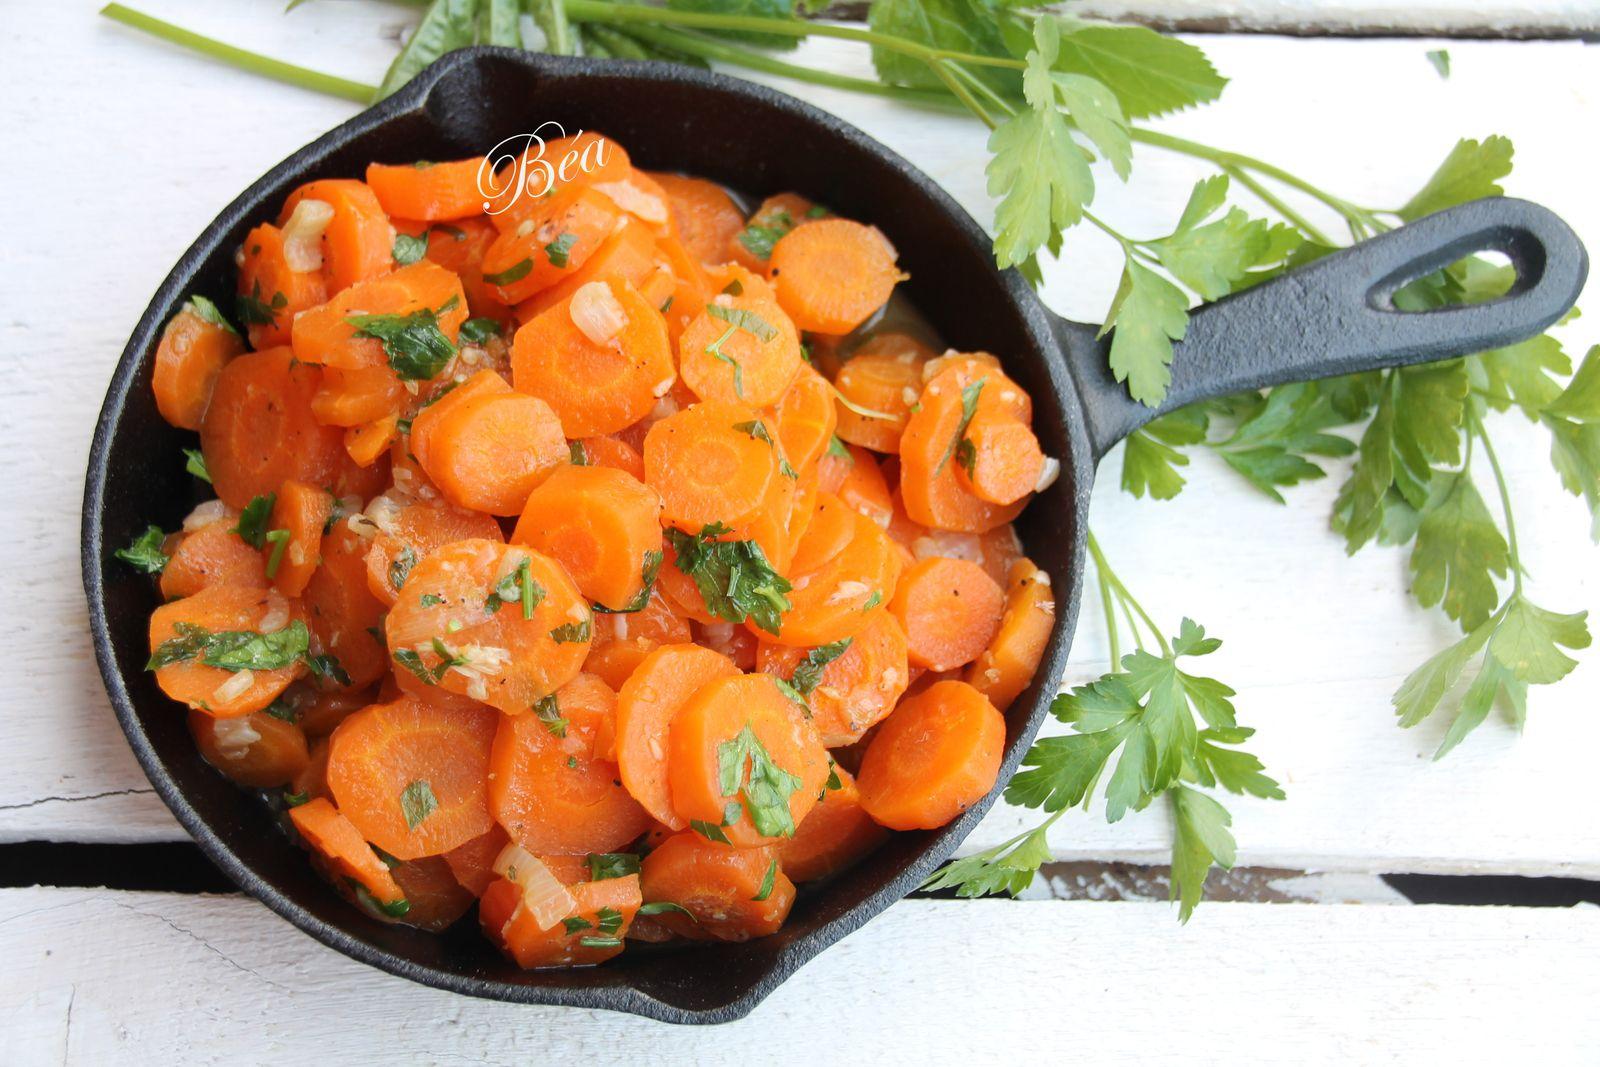 Aiguillettes de poulet au boursin et carottes vichy